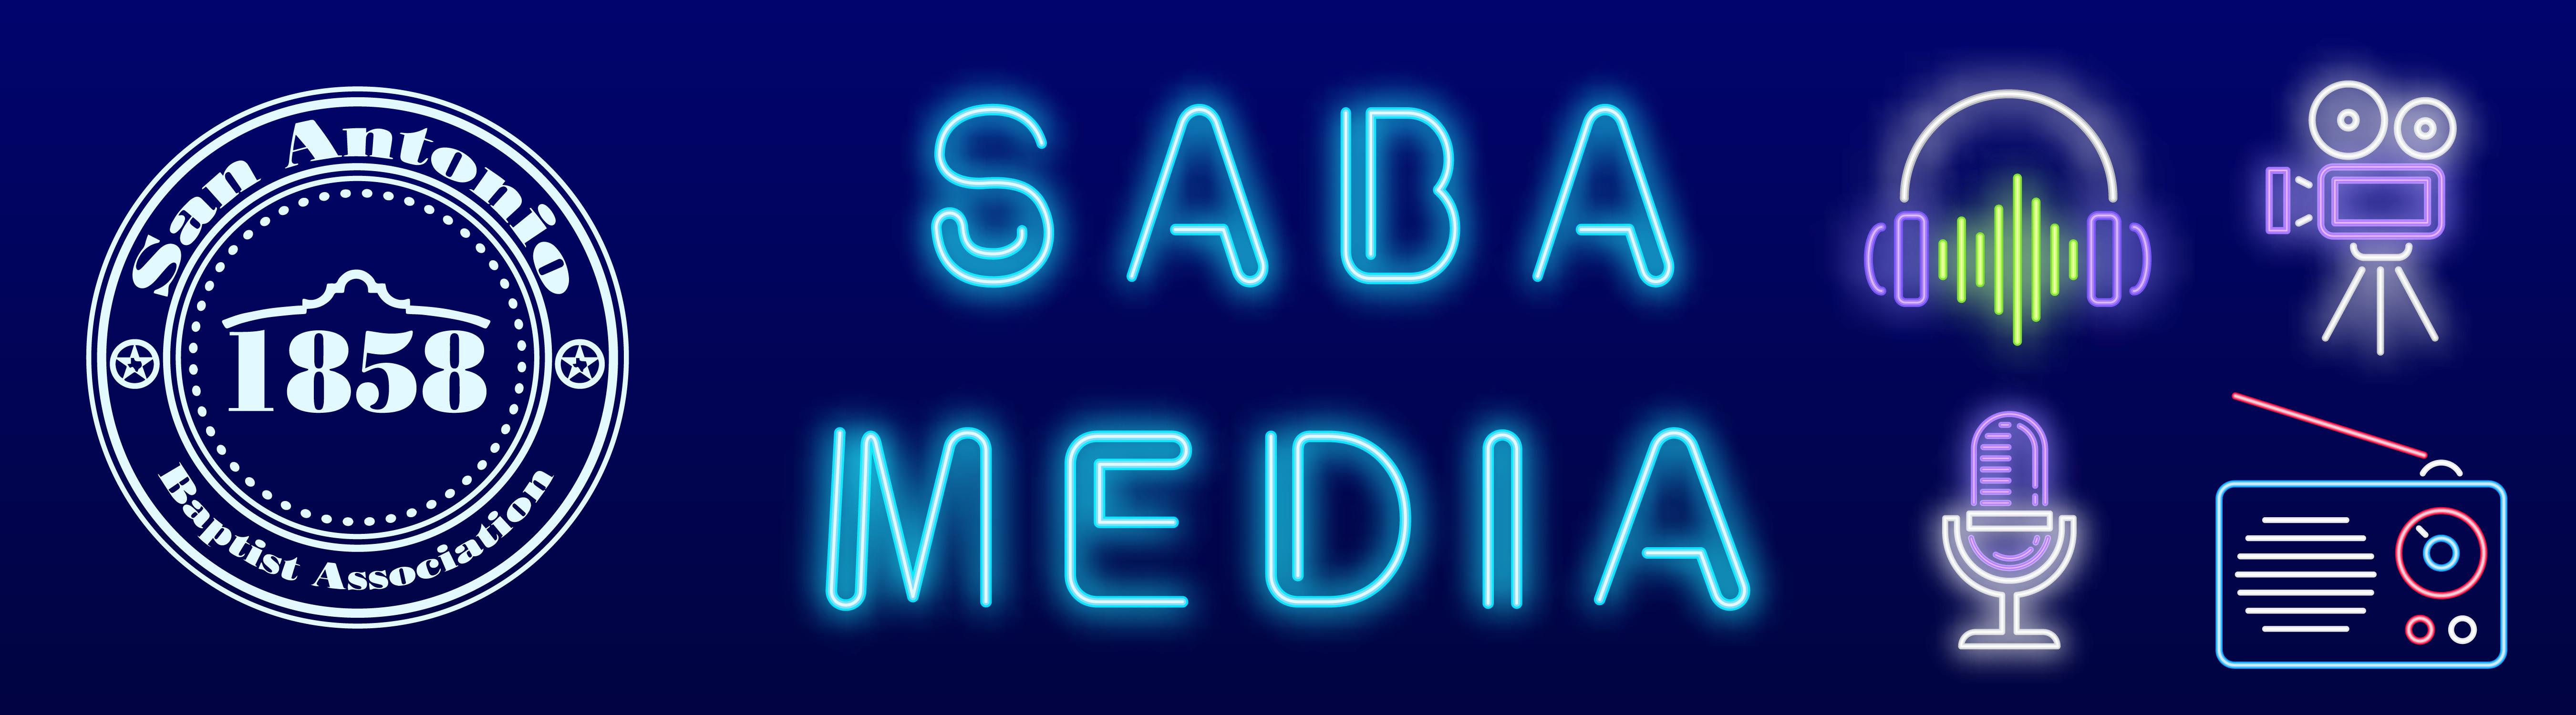 SABA Media Header-02